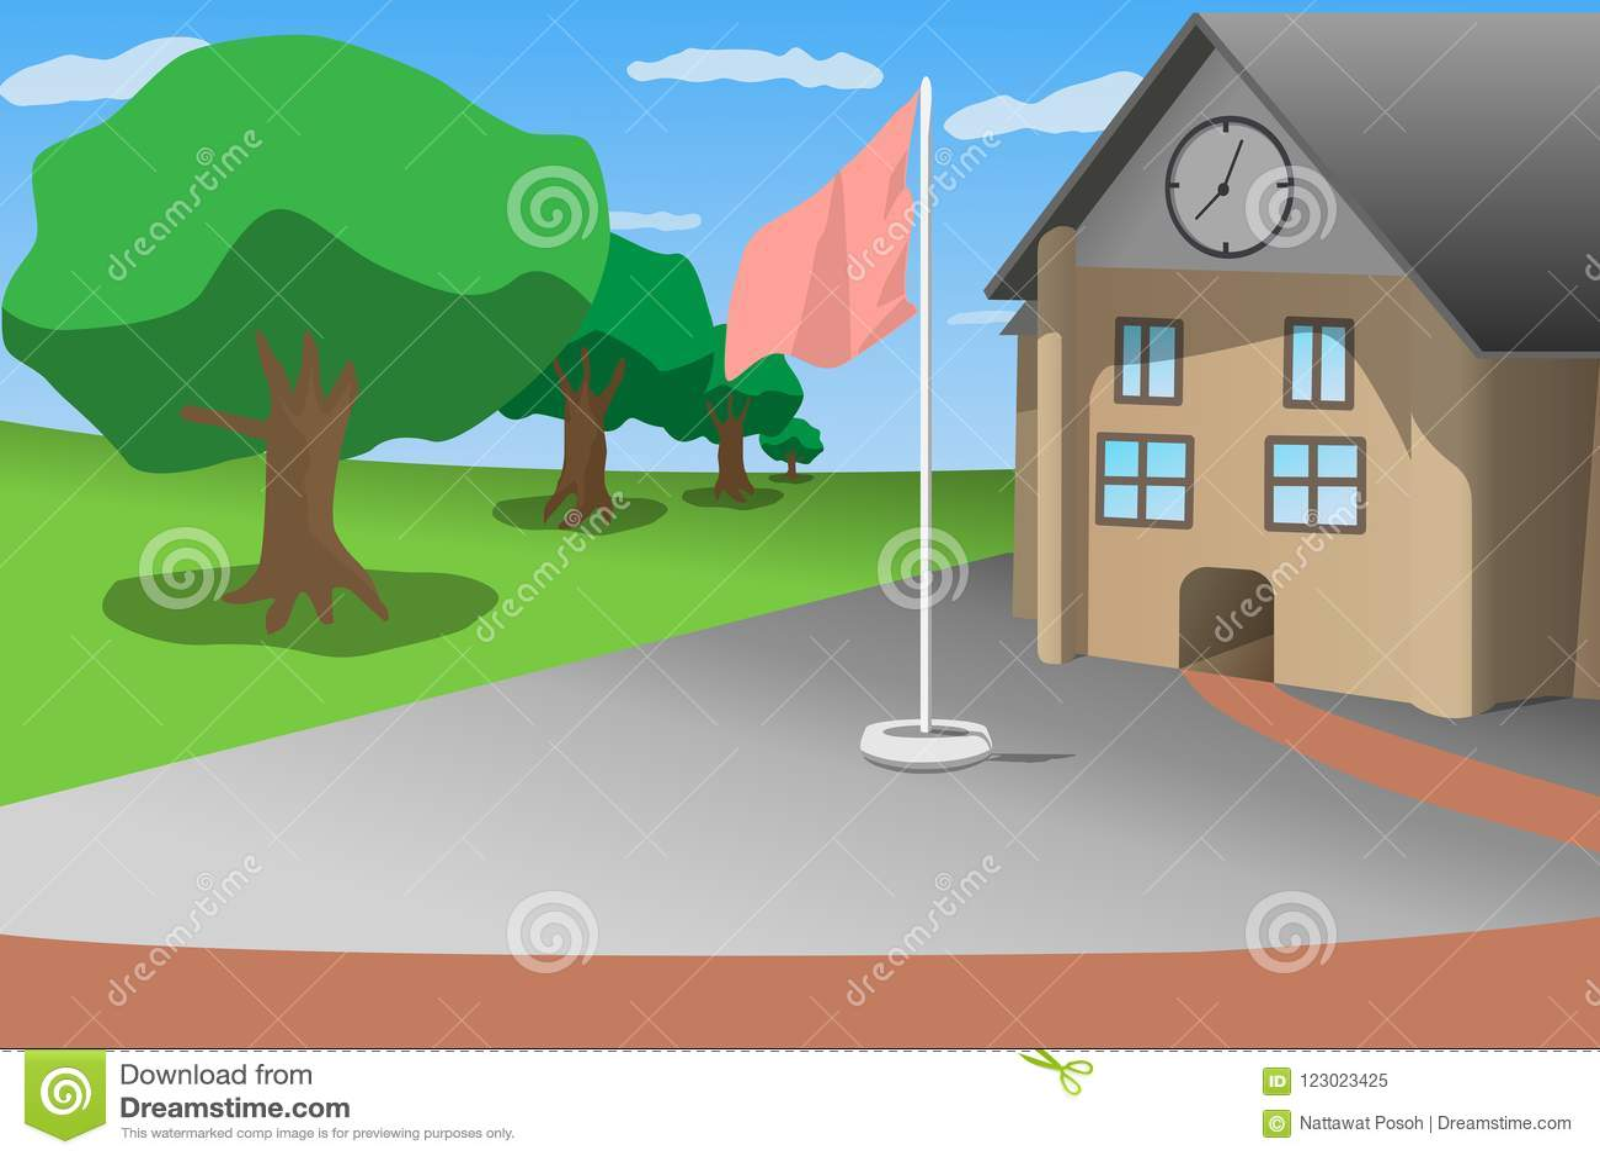 Дерево зеленого цвета голубого неба вид спереди школы и flagstaff, иллюстрация вектора стиля шаржа